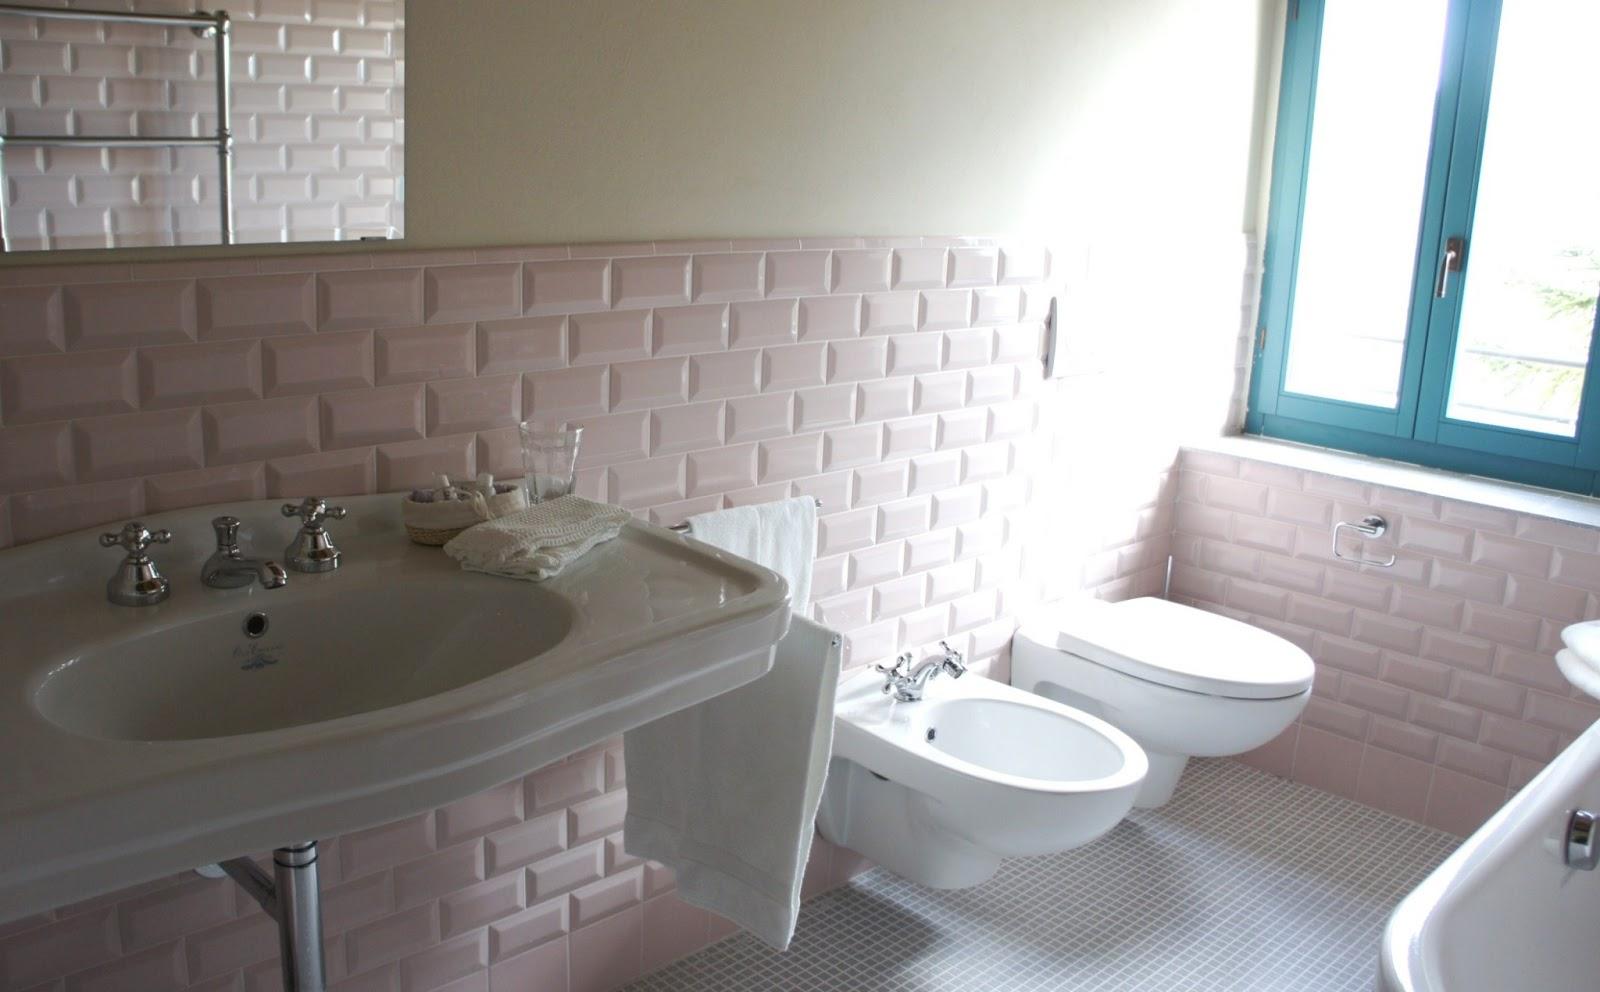 Bagno Con Mosaico Bianco appartamento foto bagni moderni parete bagno piastrelle